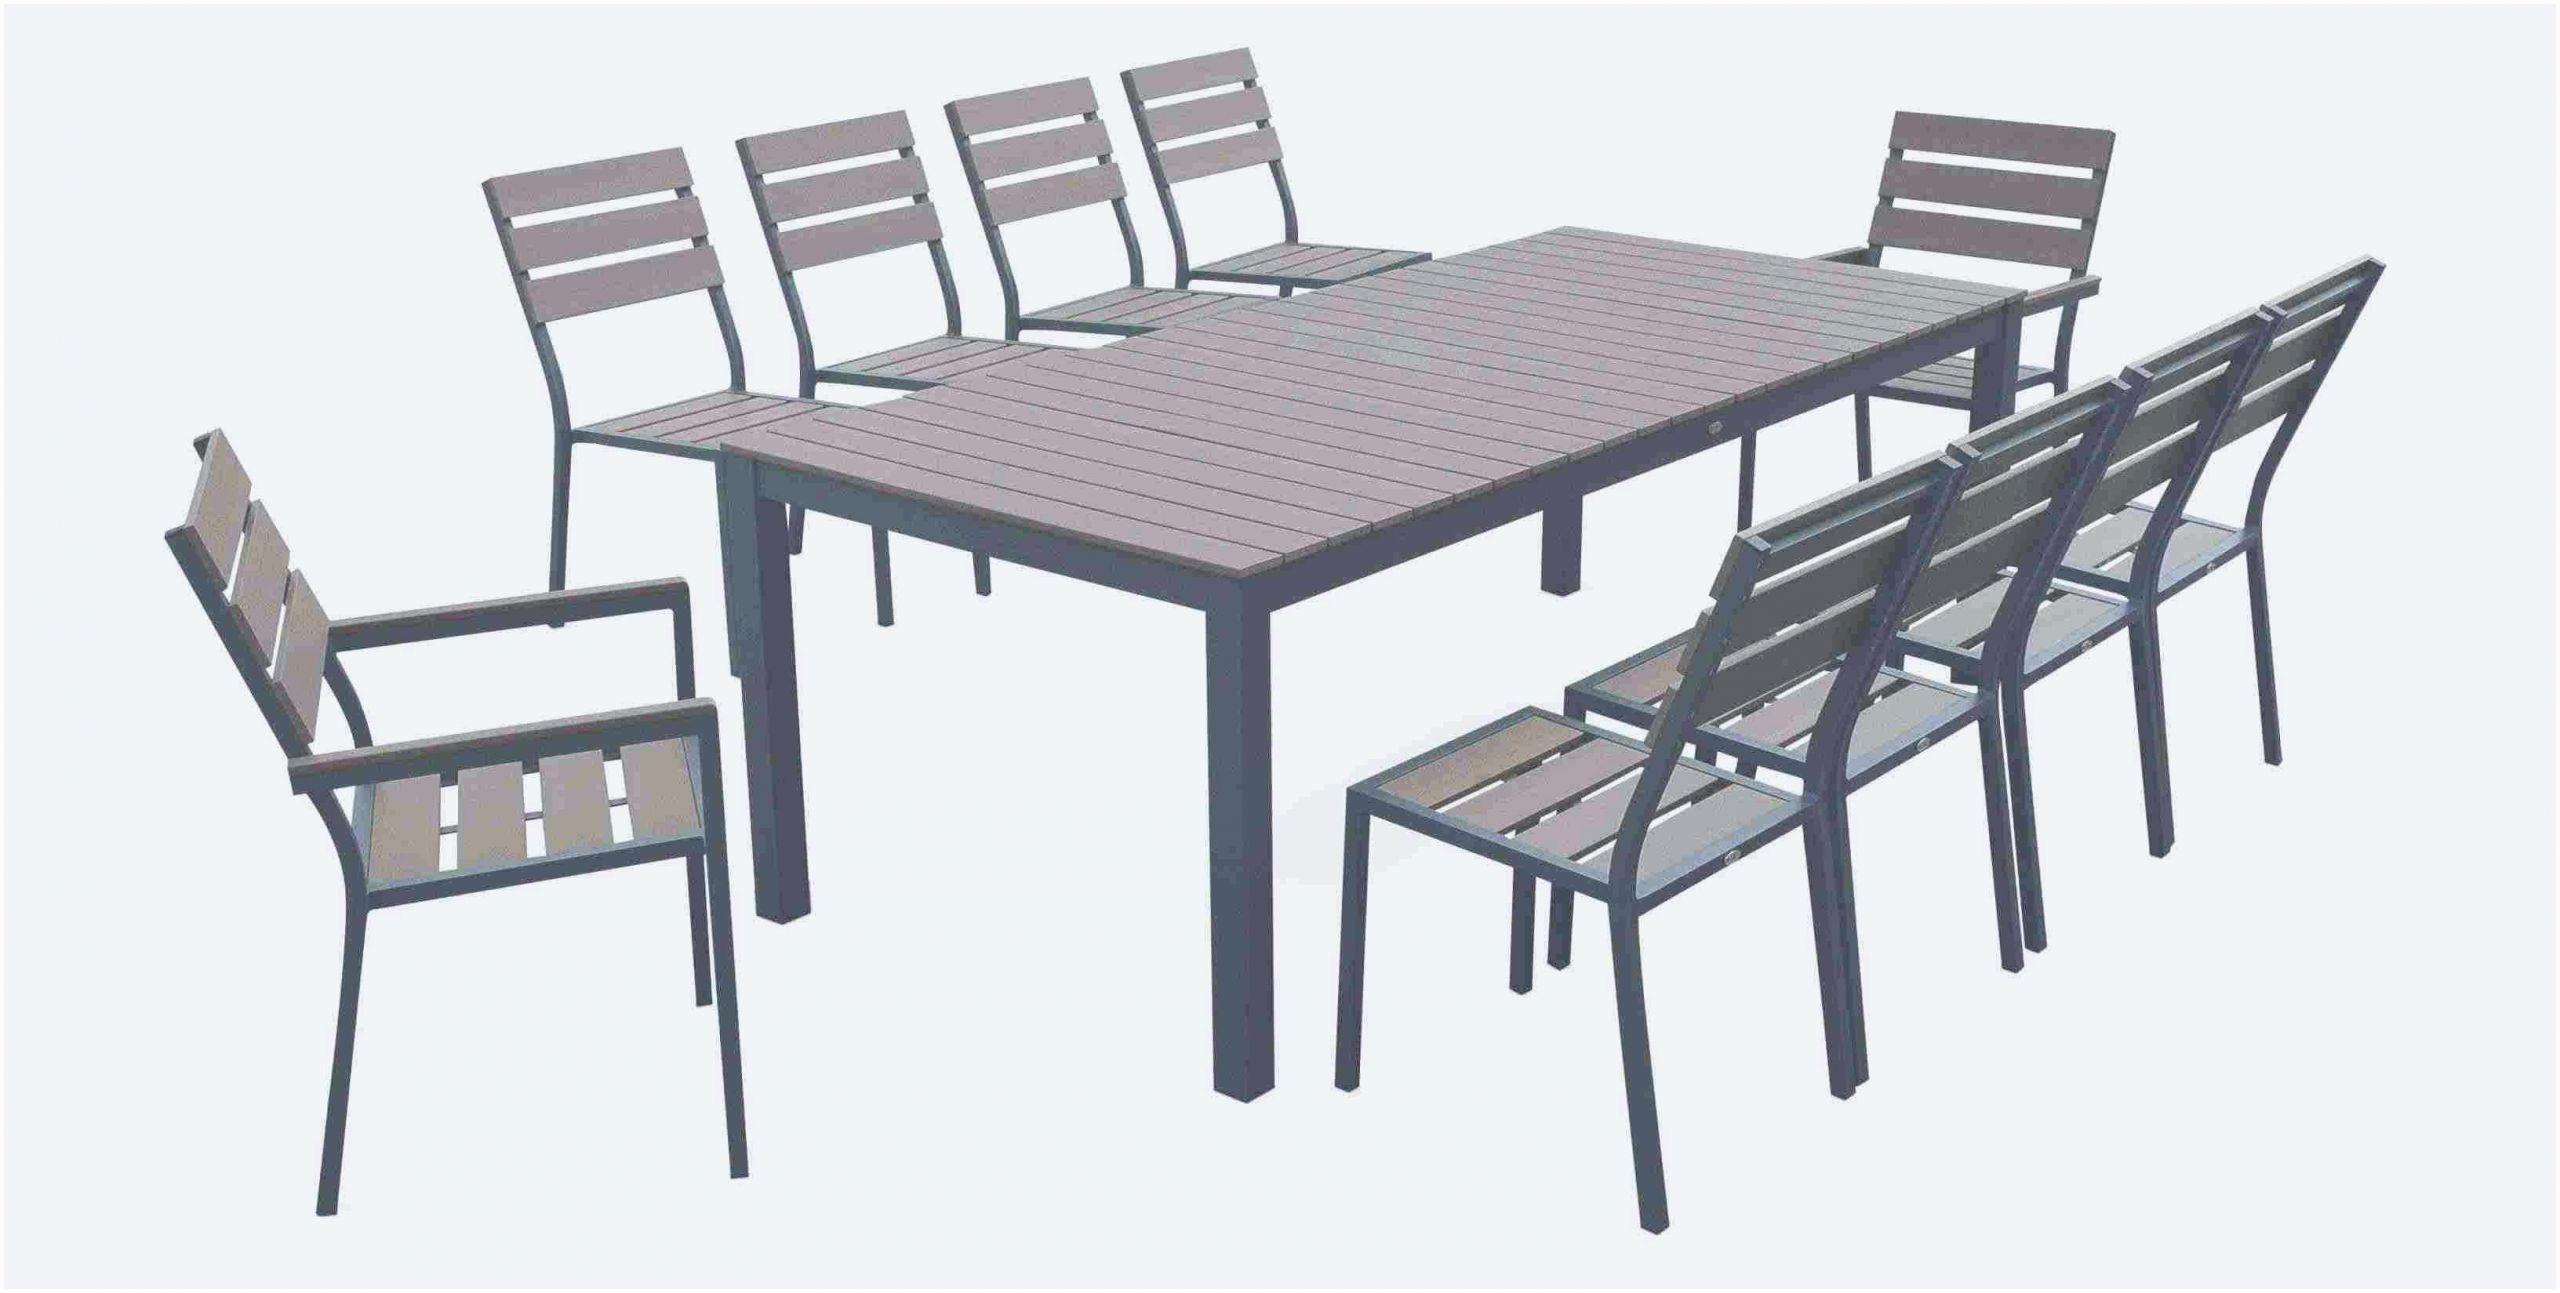 Fauteuil De Table Nouveau Luxe Table Contemporaine Bois Et Metal Luckytroll